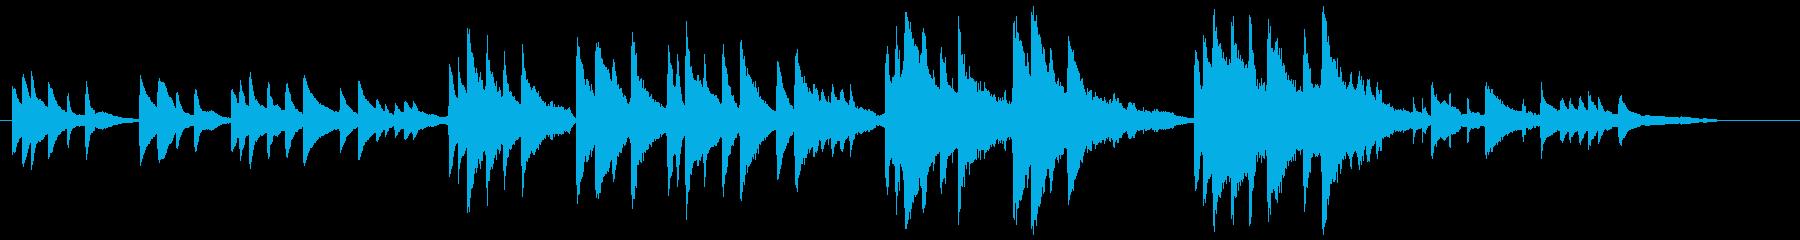 3拍子で1分程の短いピアノ曲の再生済みの波形